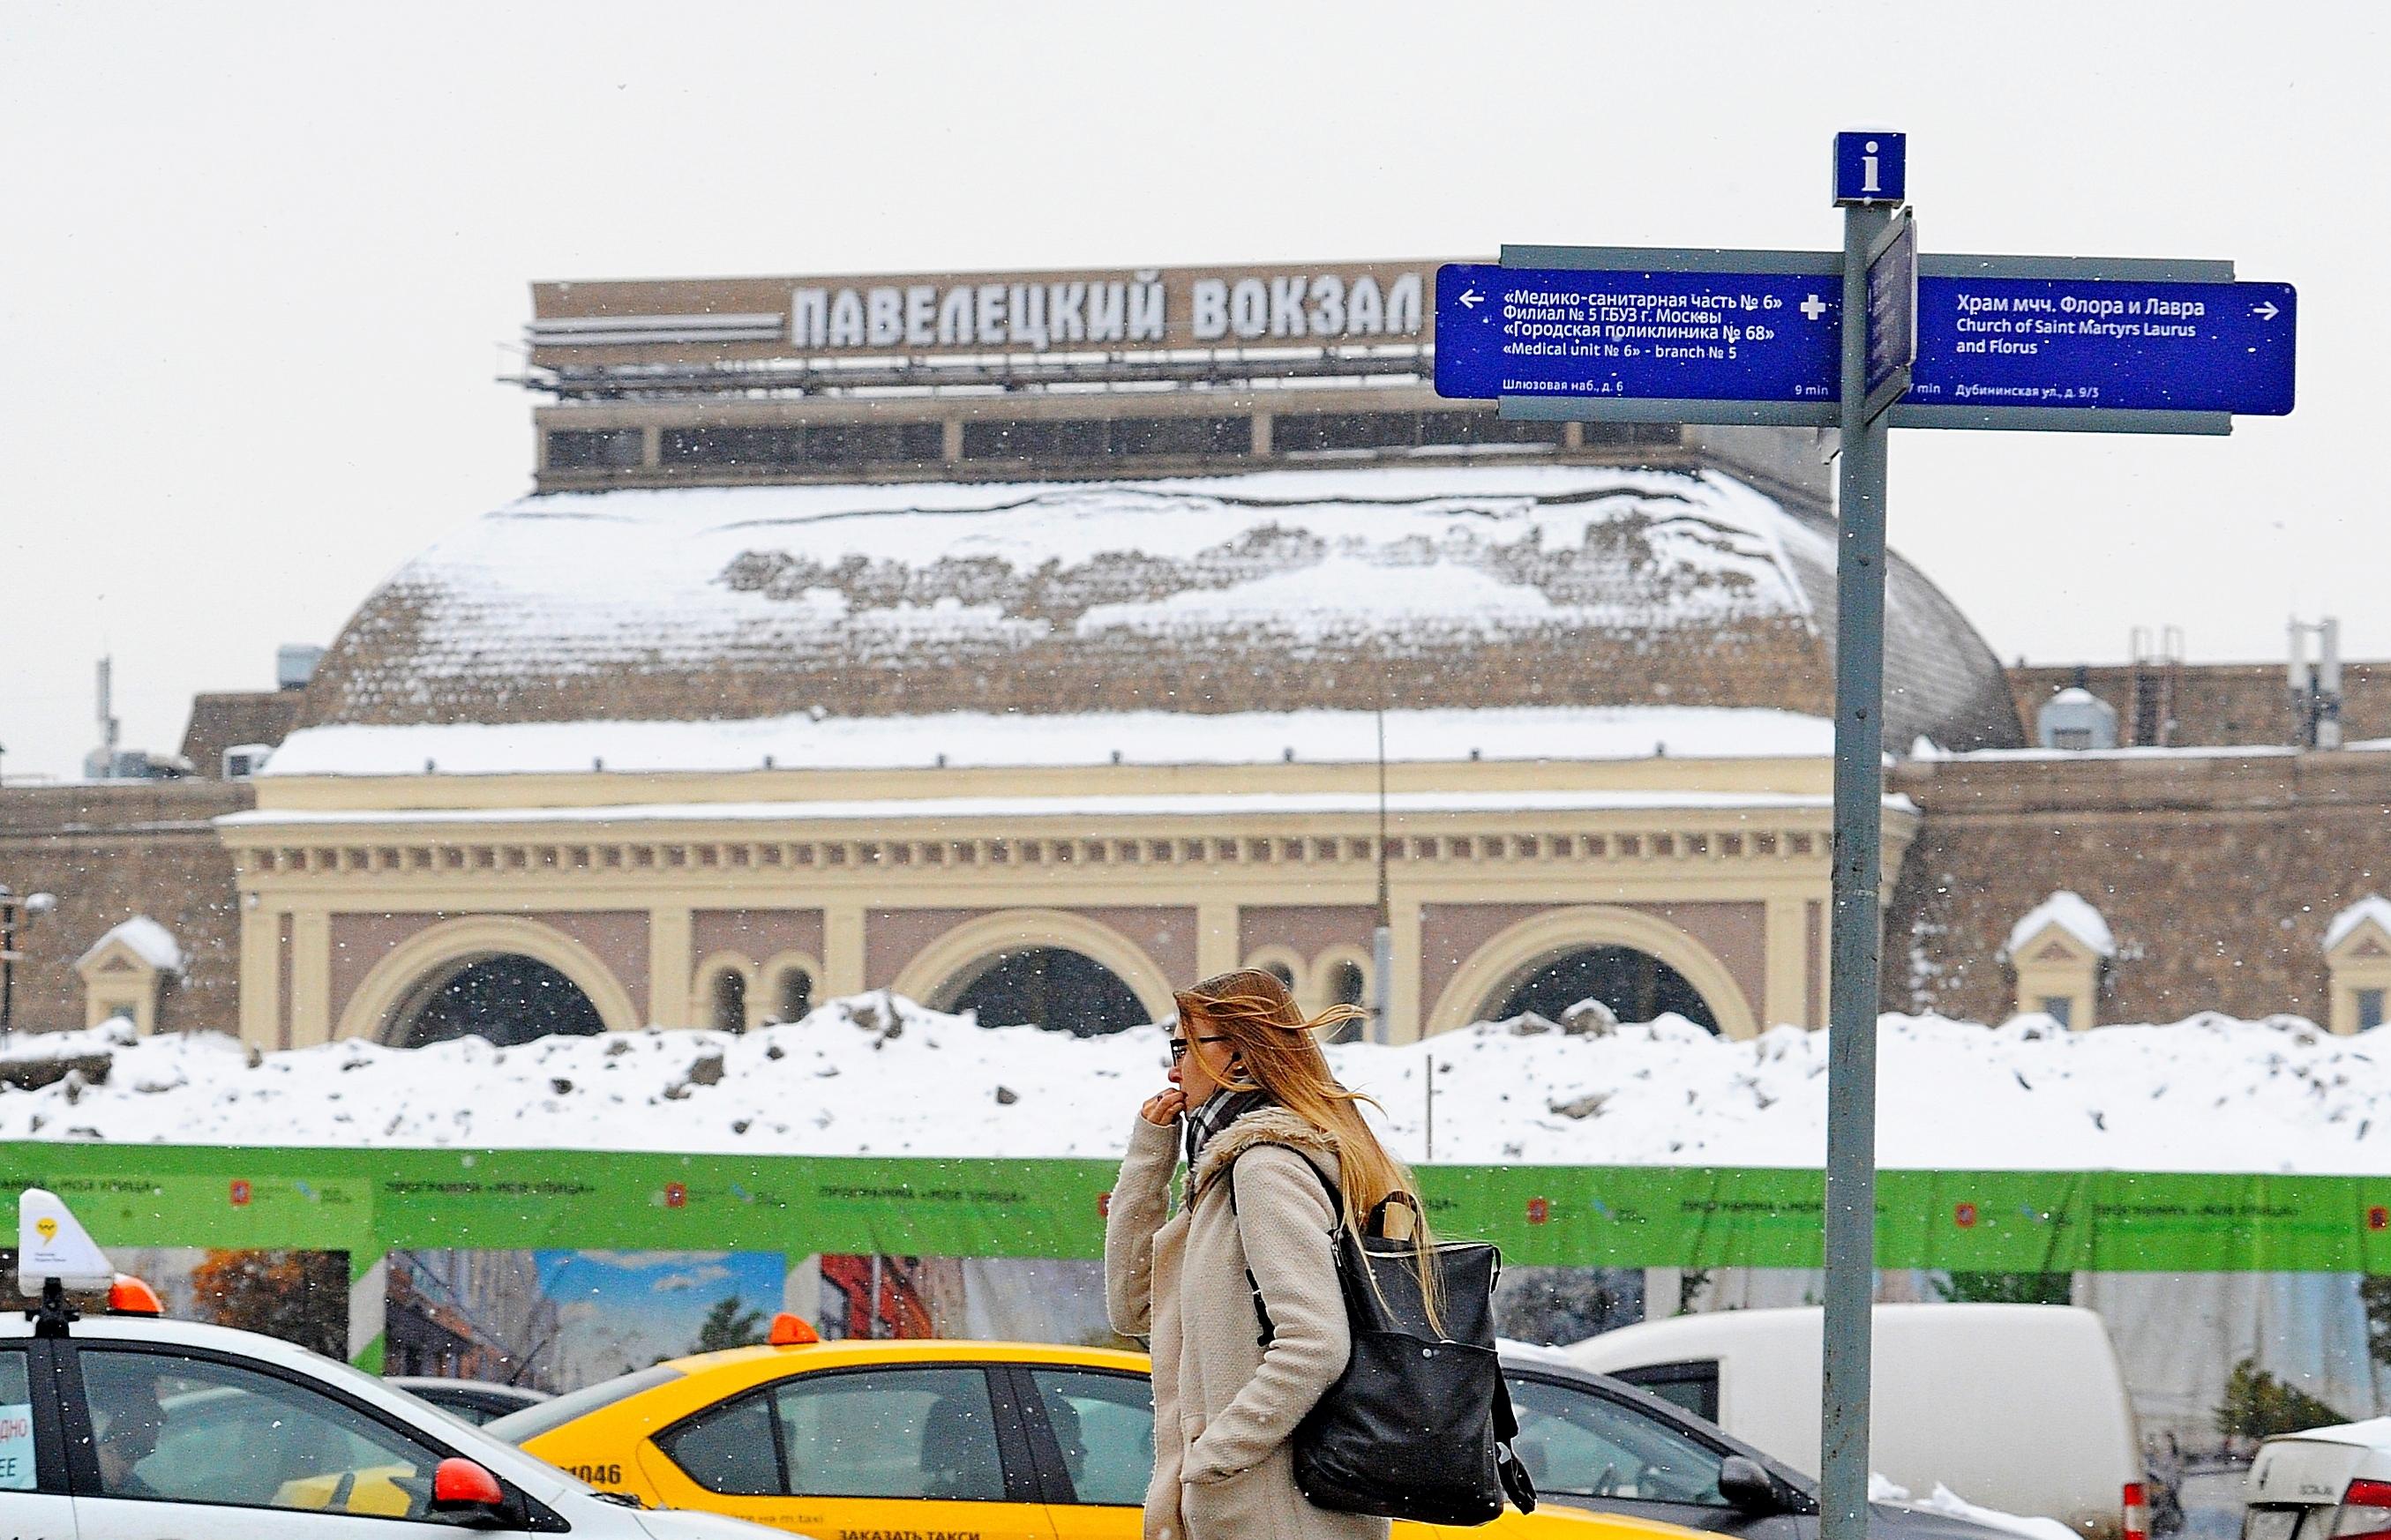 Снегопад не парализовал движение по Московской железной дороге